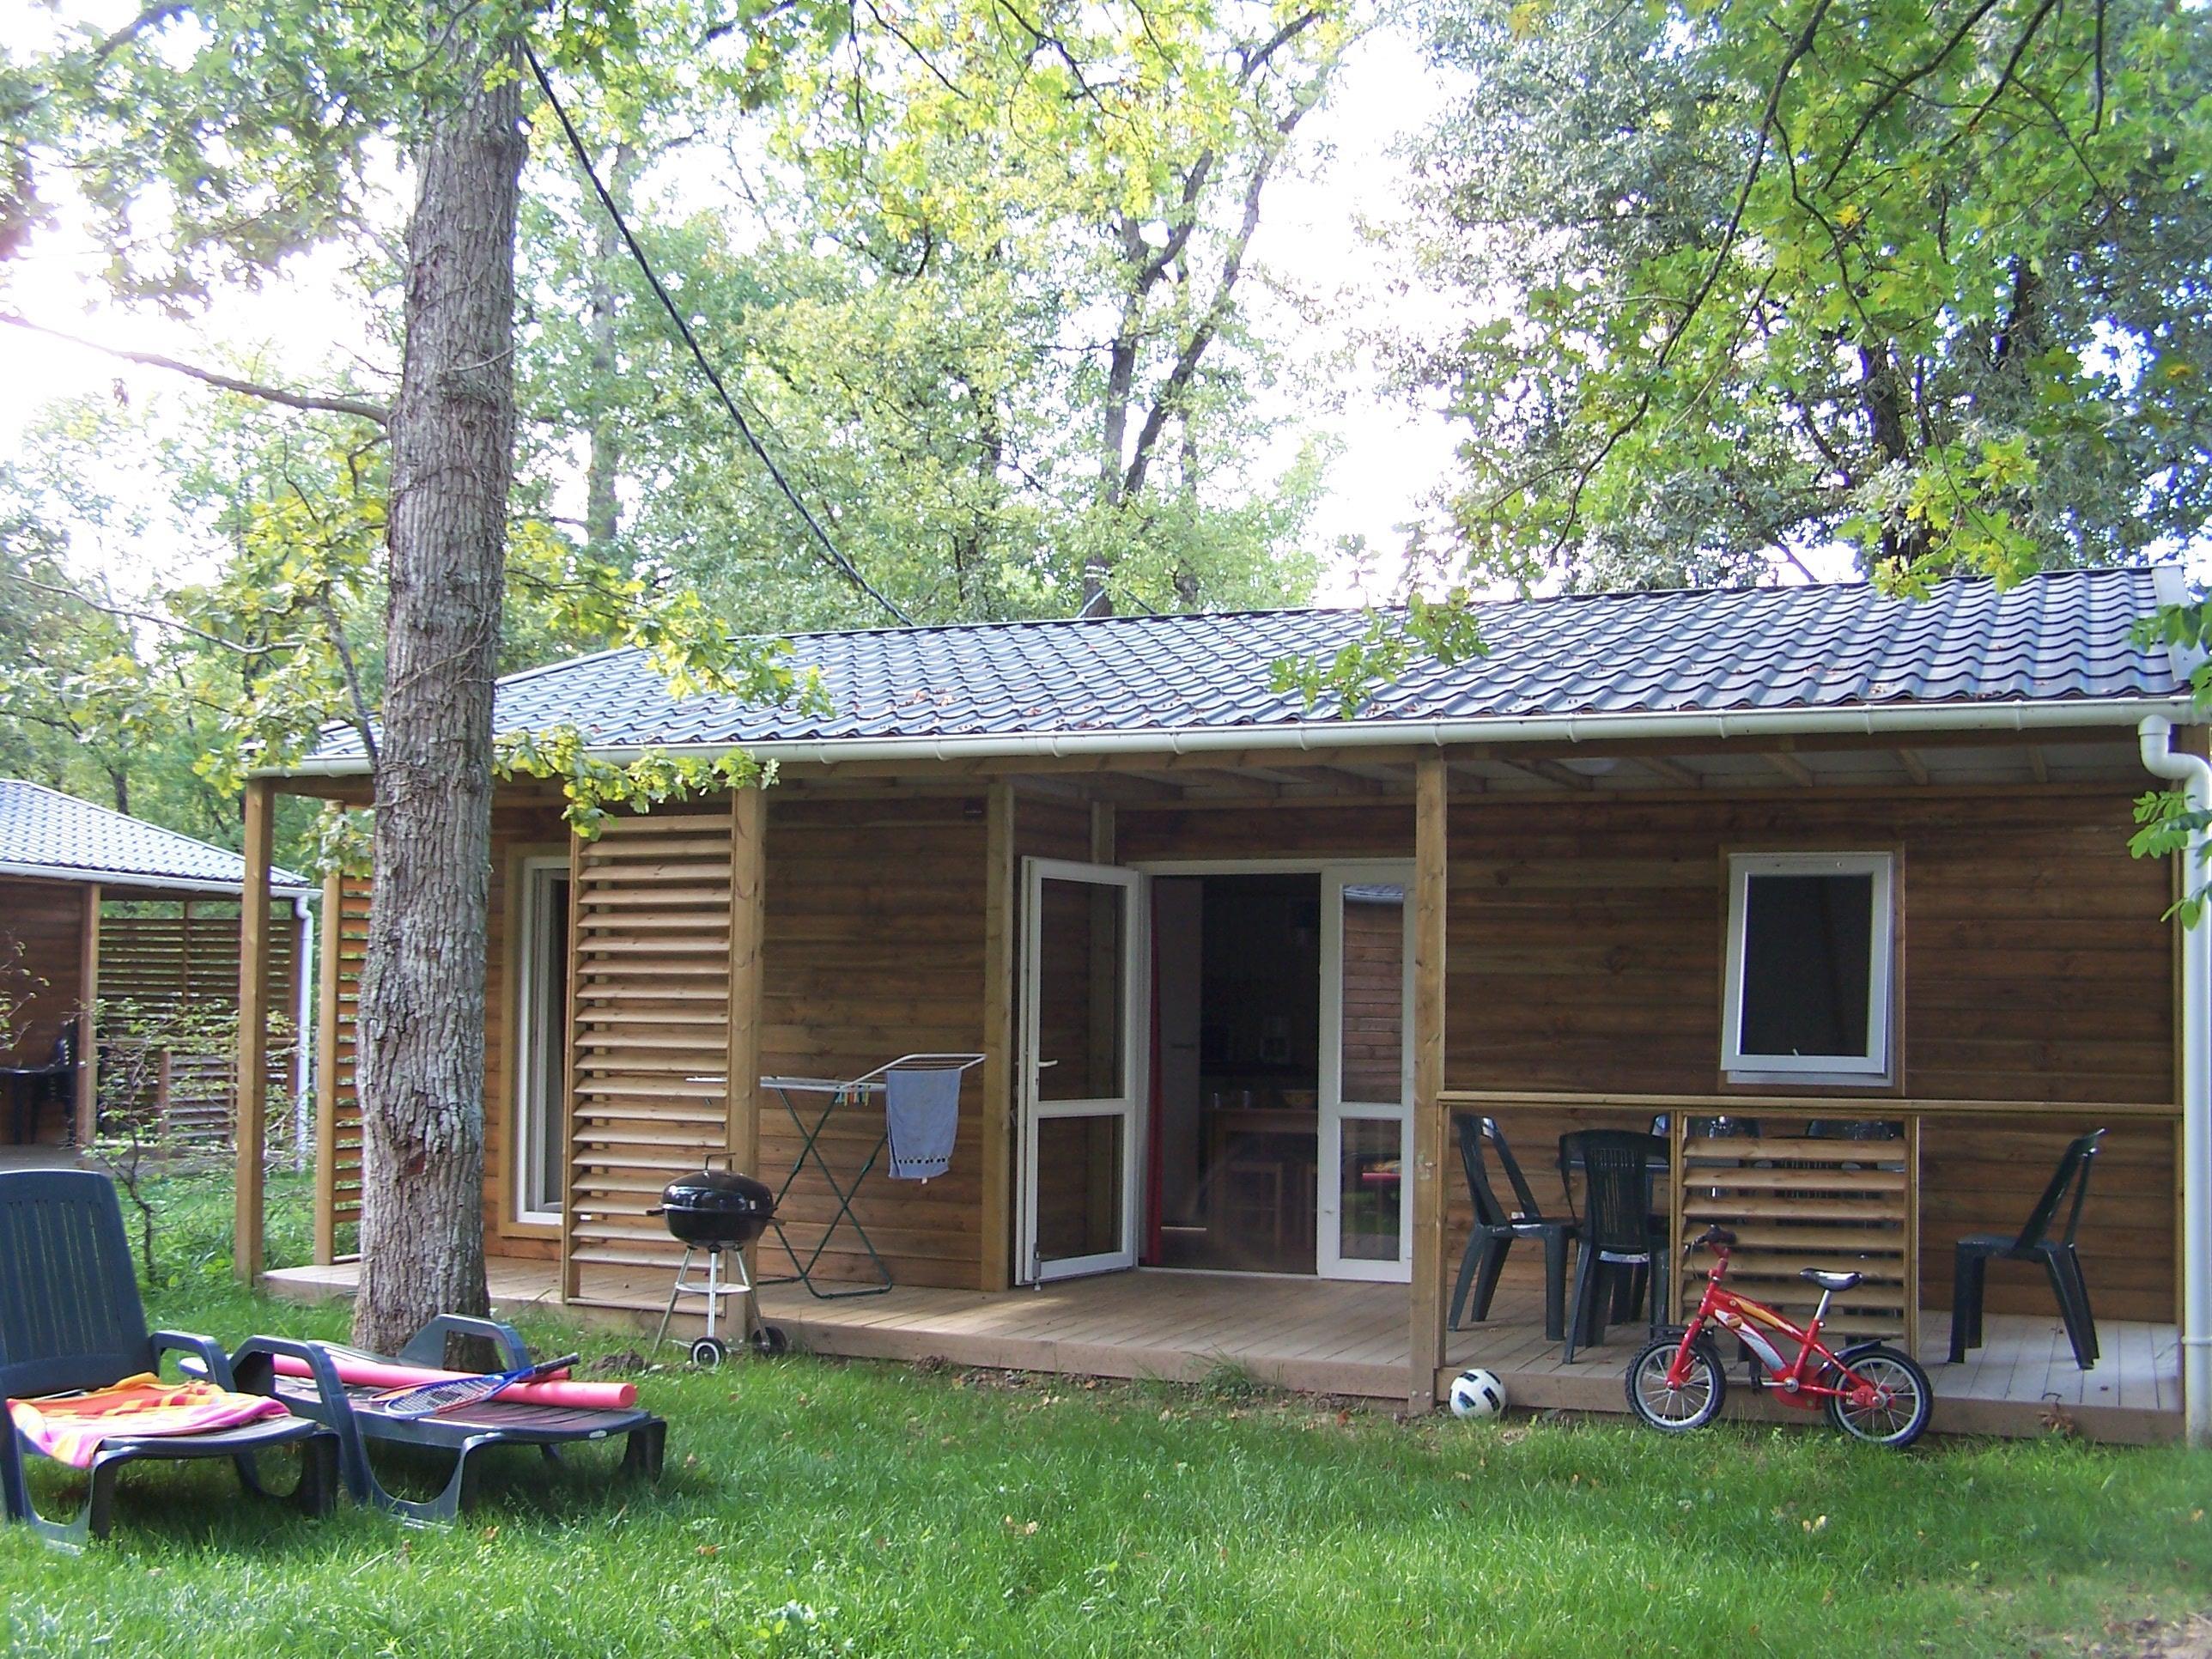 Location - Chalet - 3 Chambres - 1 Salles De Bain - Classique - Camping Castel Parc de Fierbois